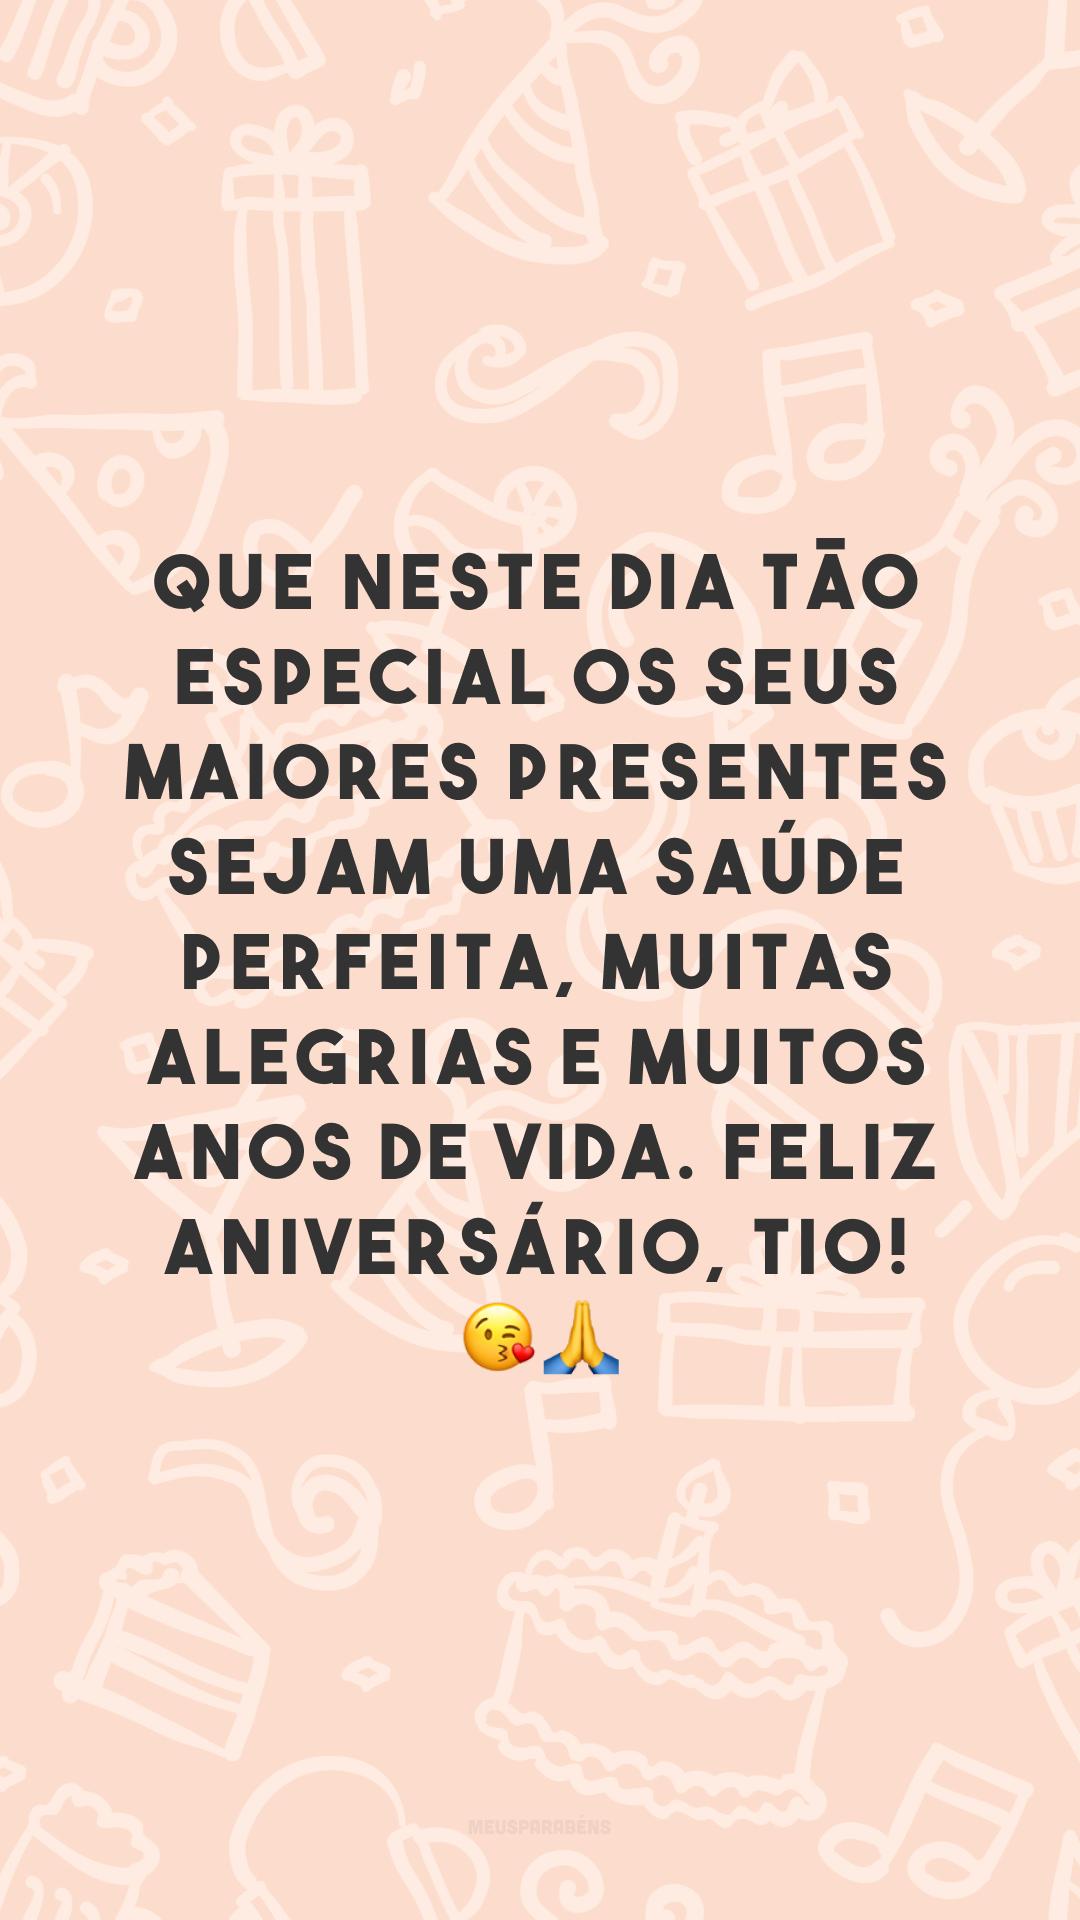 Que neste dia tão especial os seus maiores presentes sejam uma saúde perfeita, muitas alegrias e muitos anos de vida. Feliz aniversário, tio! 😘🙏